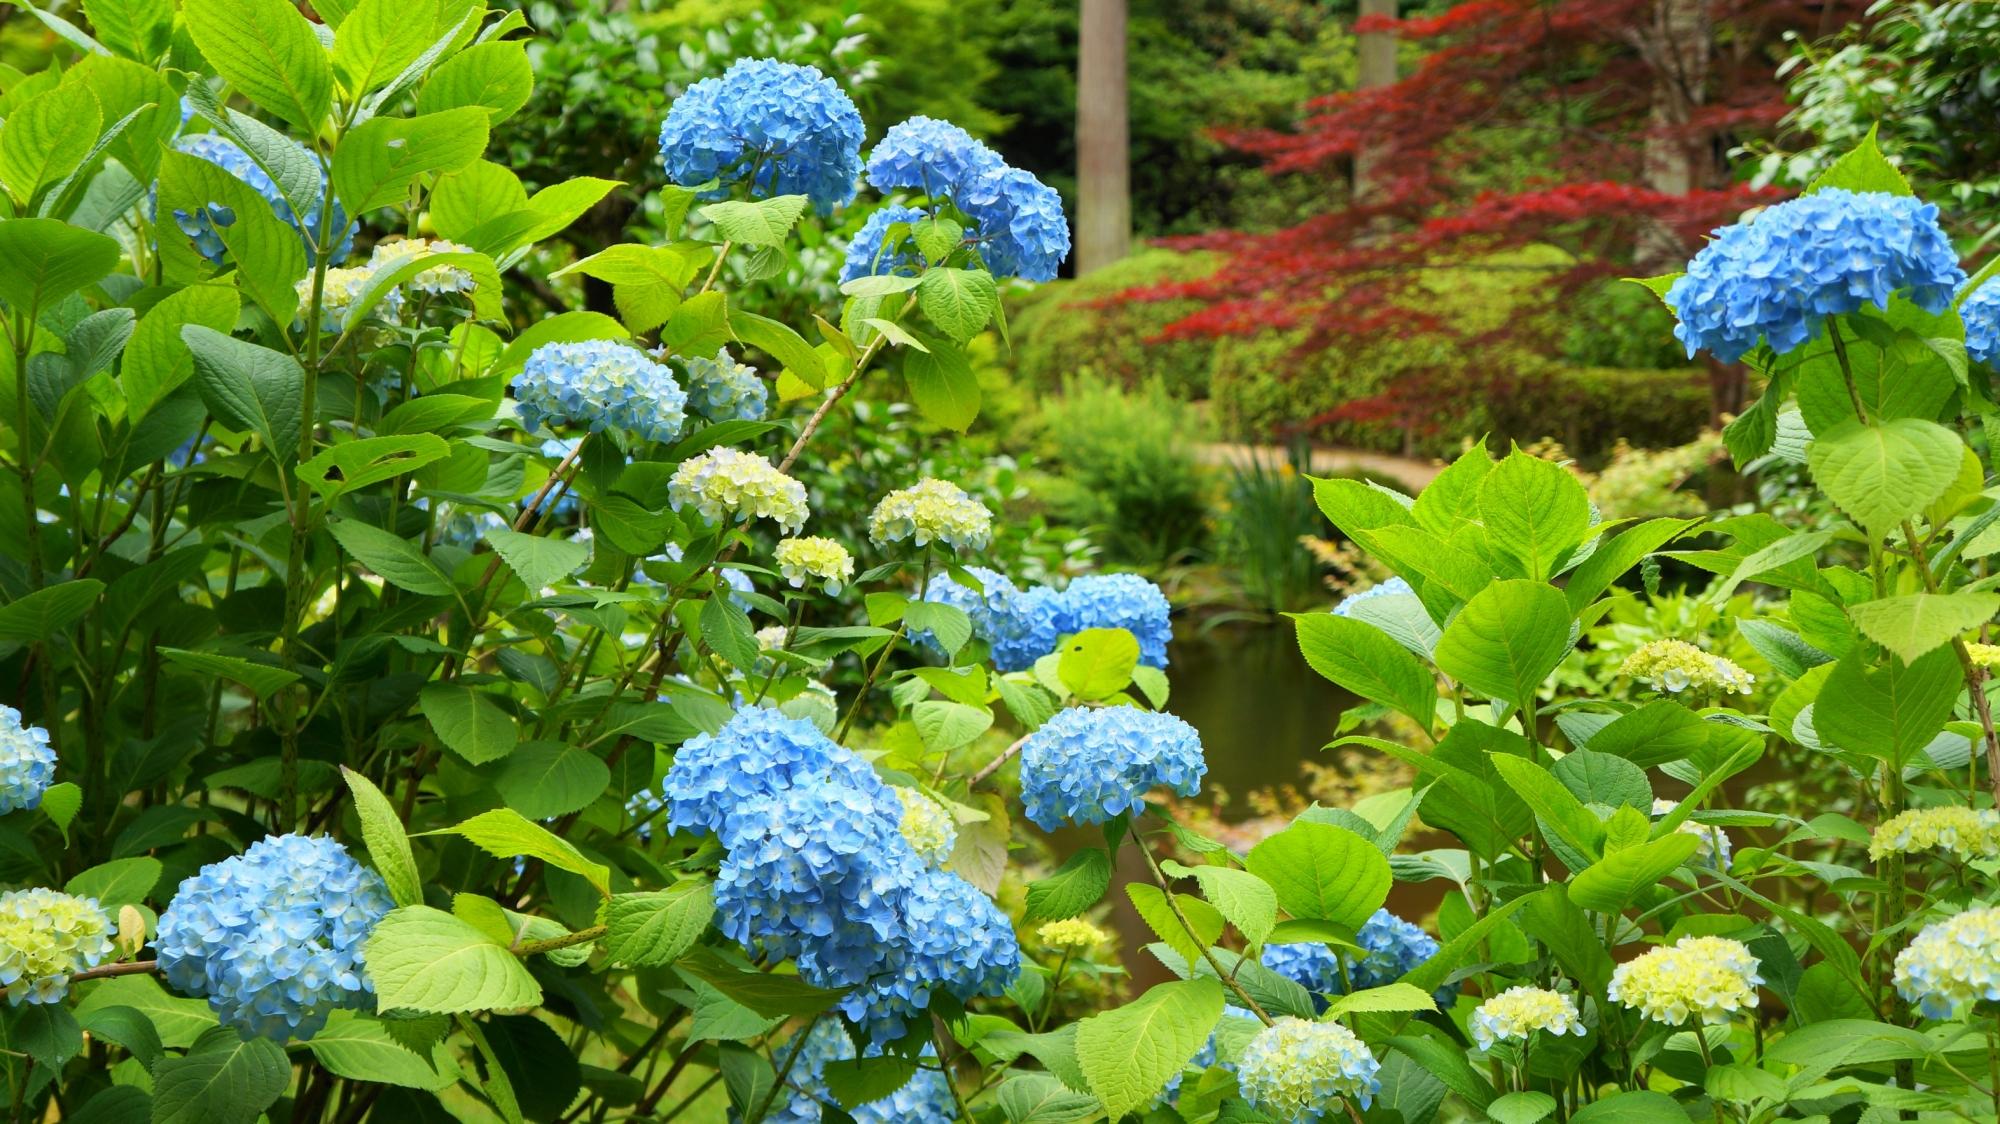 三室戸寺の池泉式庭園付近に咲く青い紫陽花